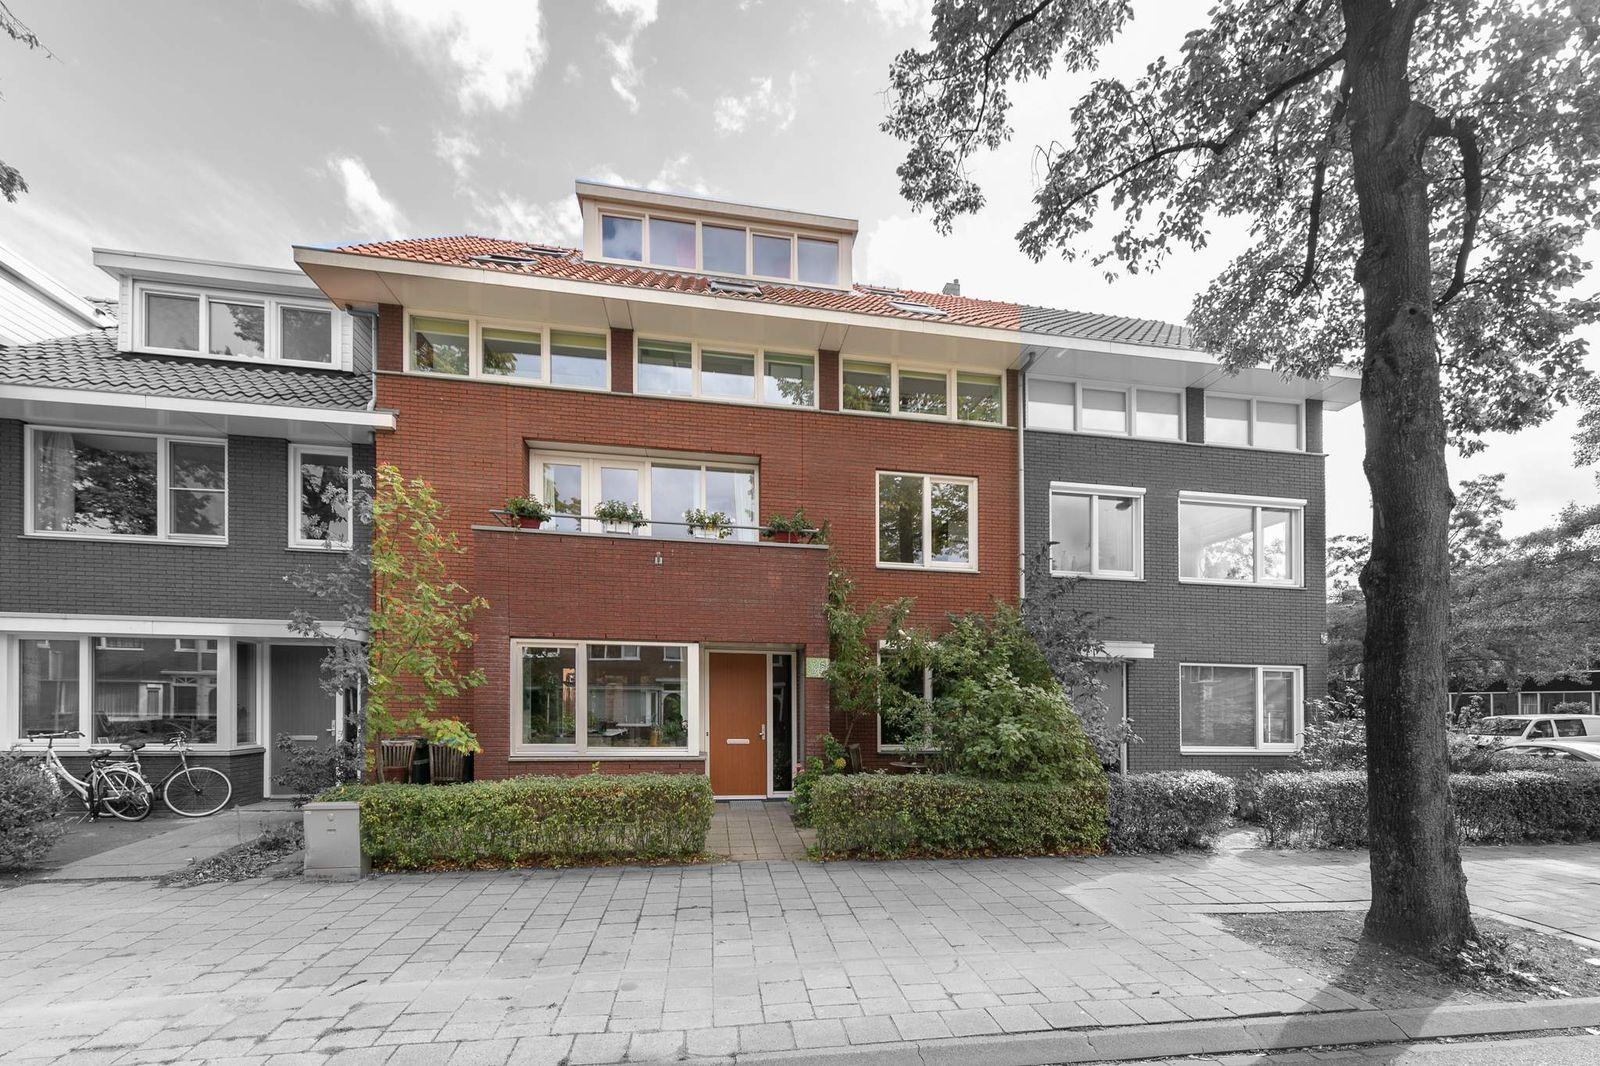 Hooft Graaflandstraat 38, Utrecht